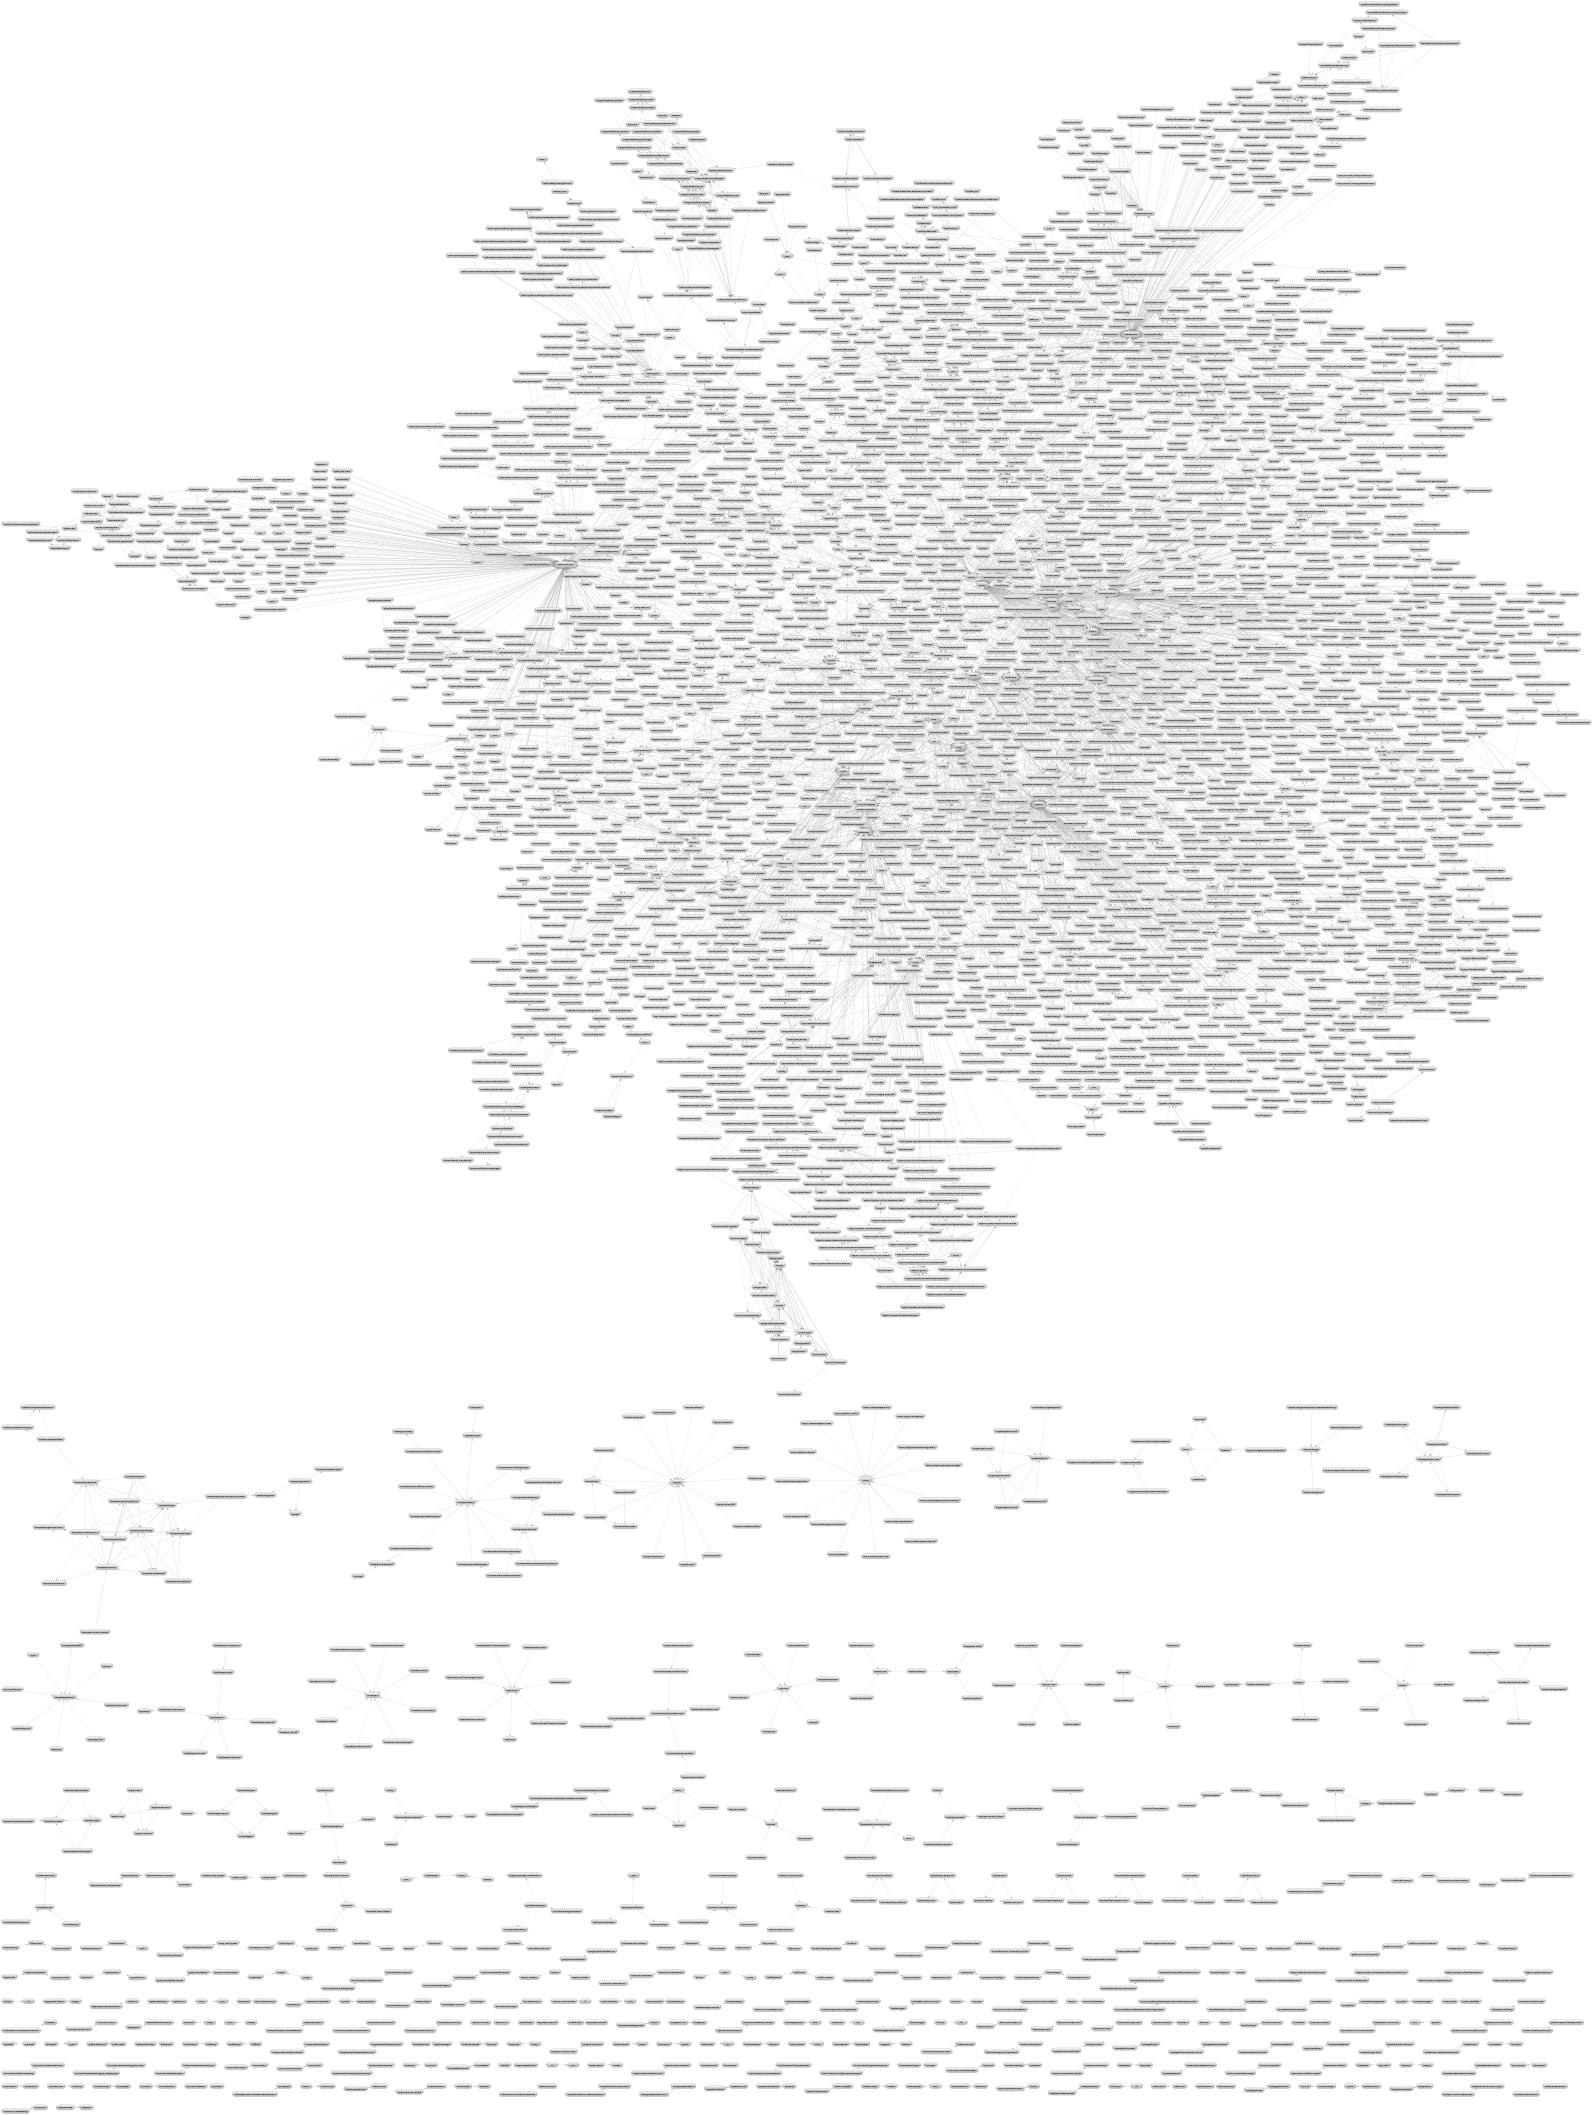 NuGet TeamCity Package Dependency Graph